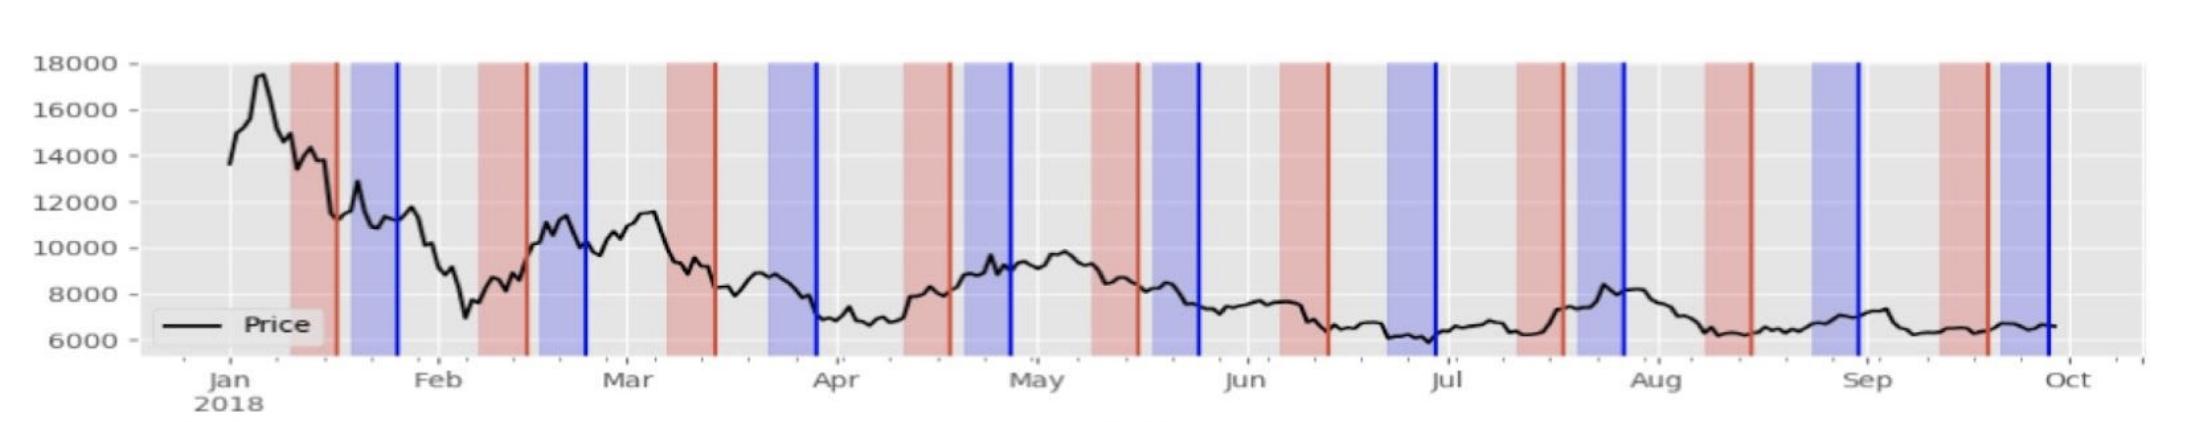 ビットコイン先物期日と価格